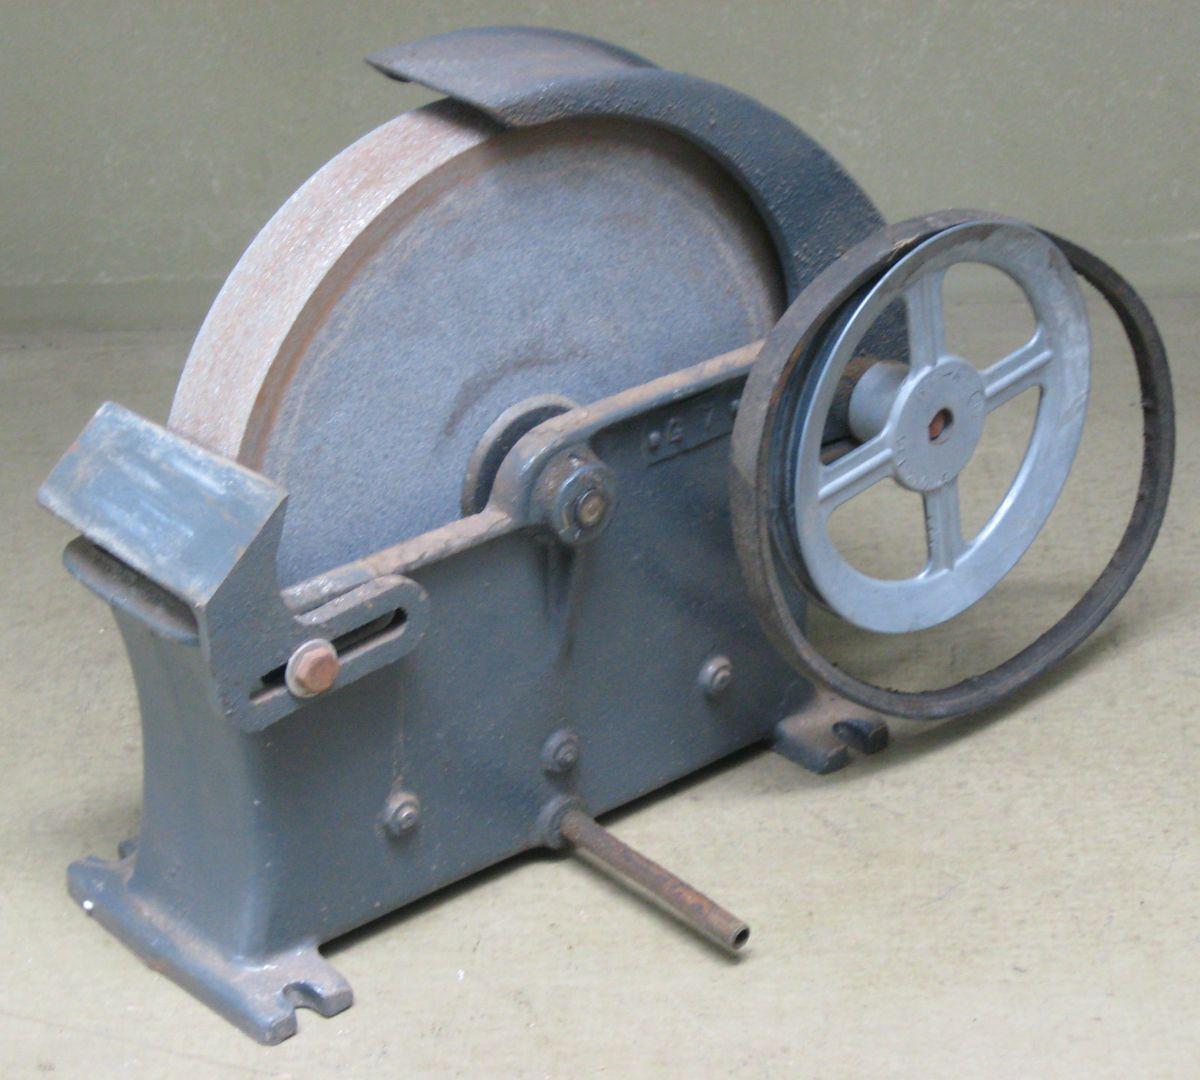 Grinder Vitrified Grinding Wheel Bench Mount Belt Driven Grindstone